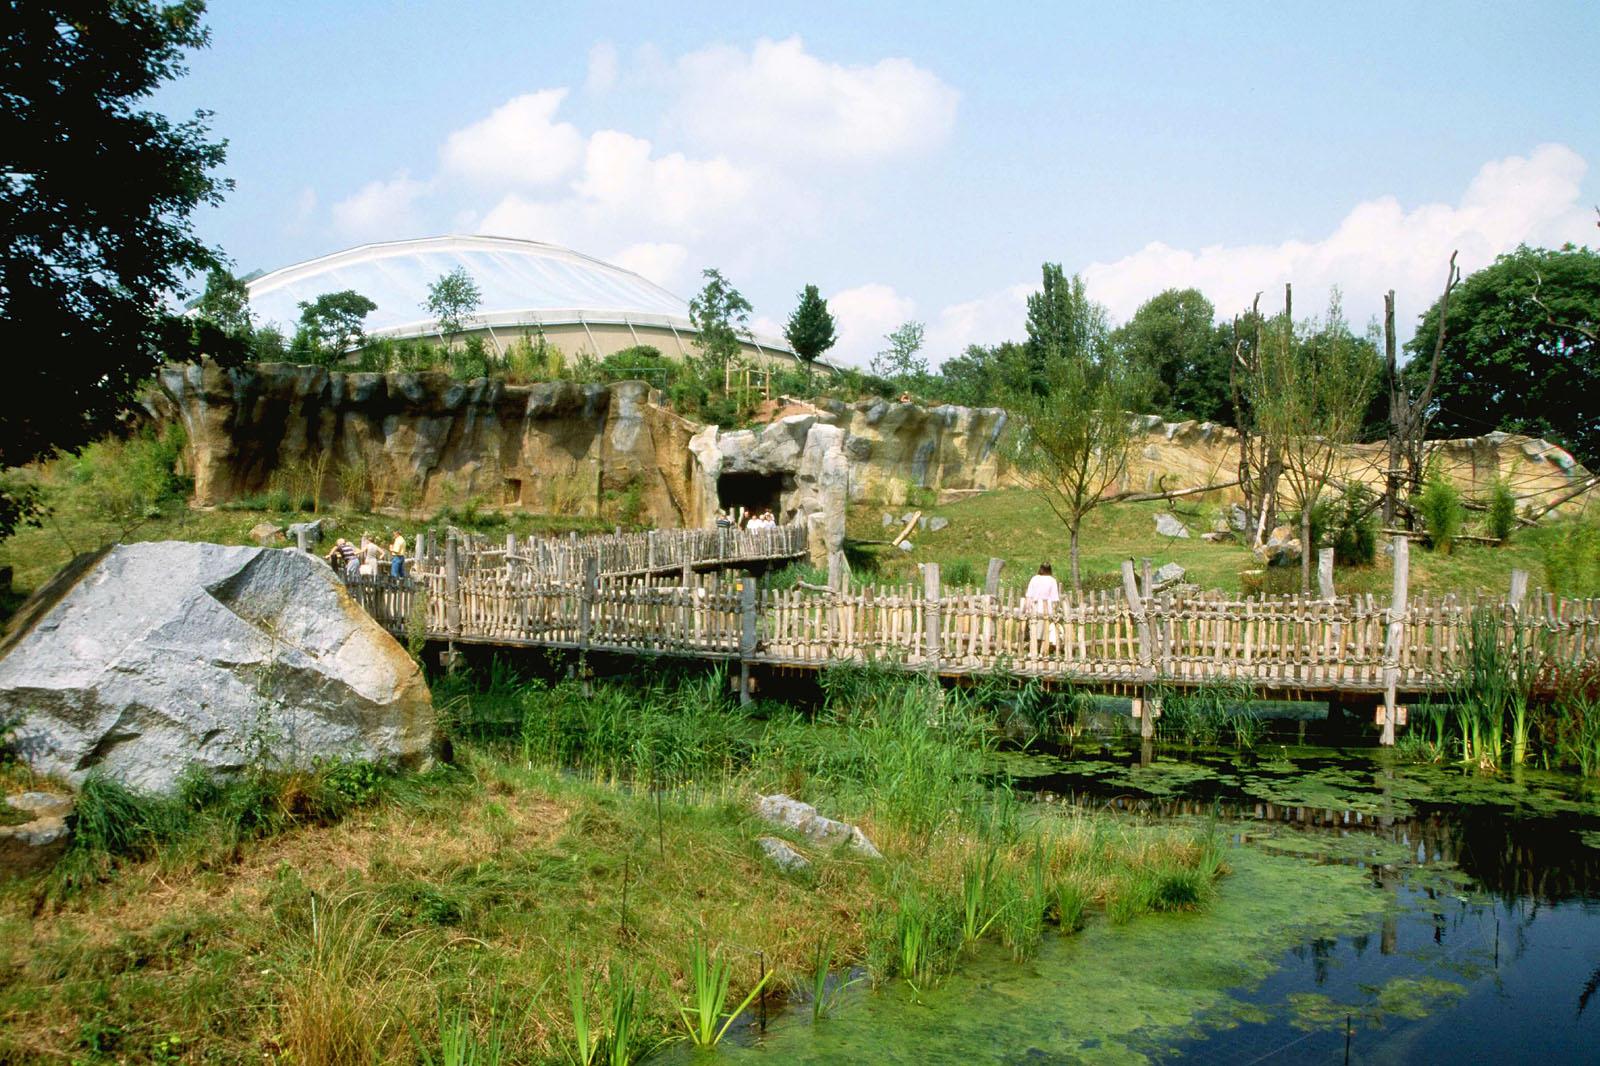 pongoland zoo leipzig garten und landschaftsbau referenzen krahnst ver wolf gmbh. Black Bedroom Furniture Sets. Home Design Ideas